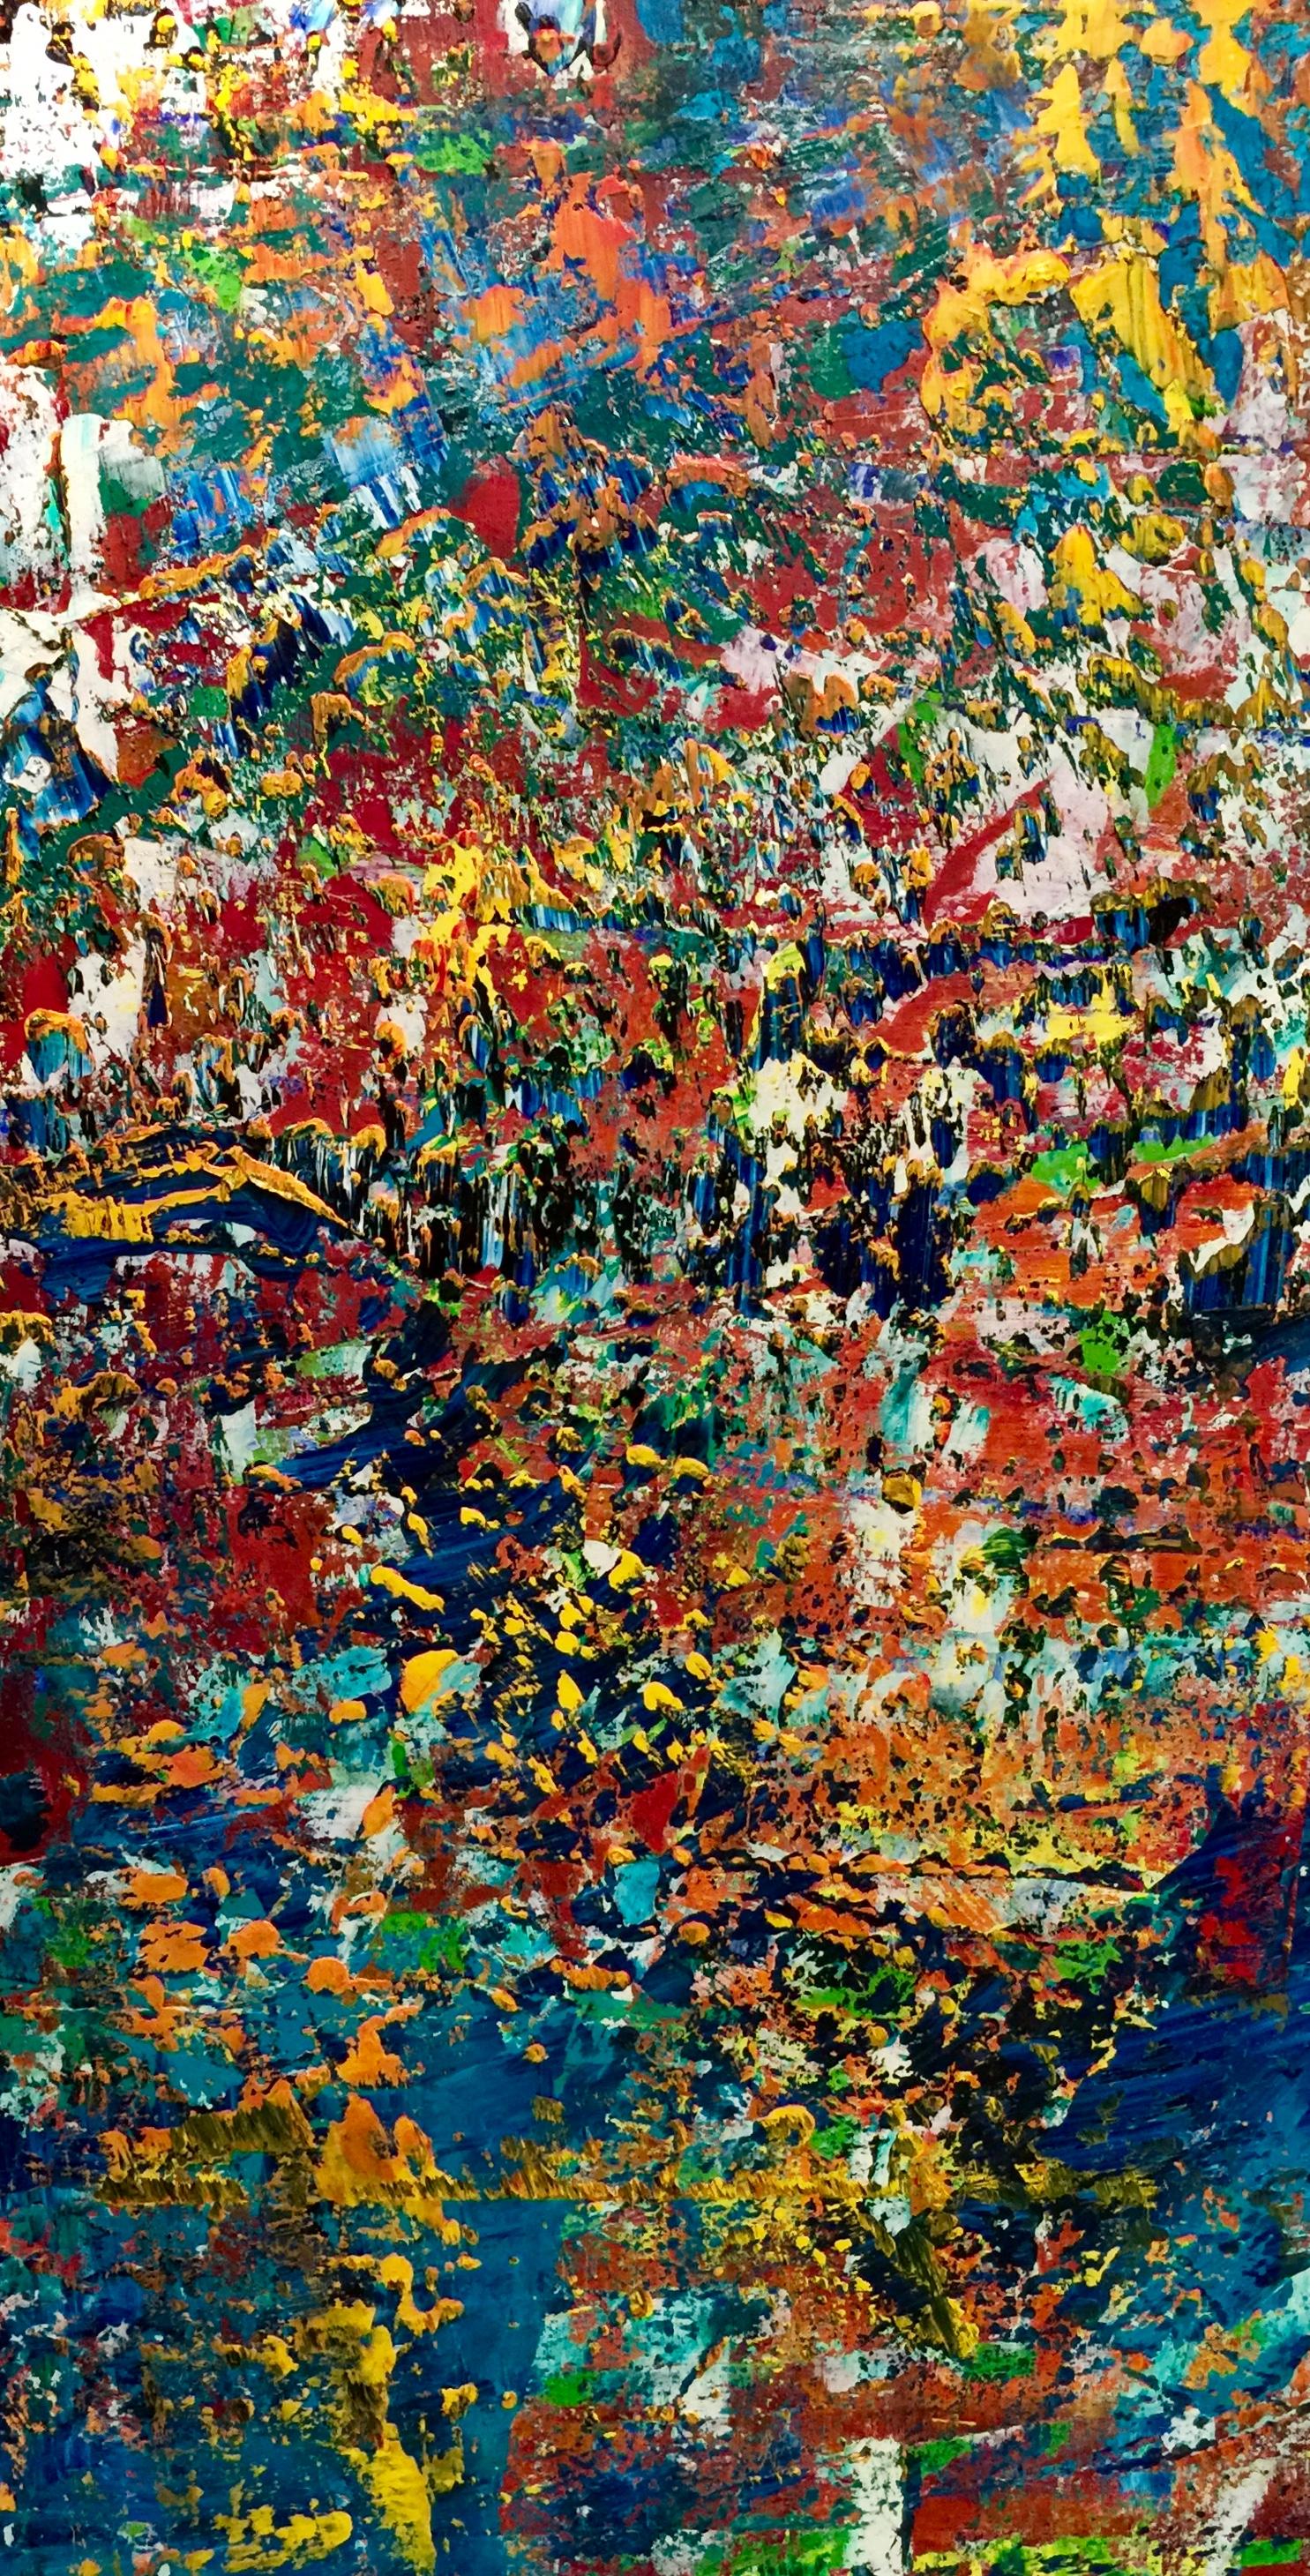 Richter à la Pollock